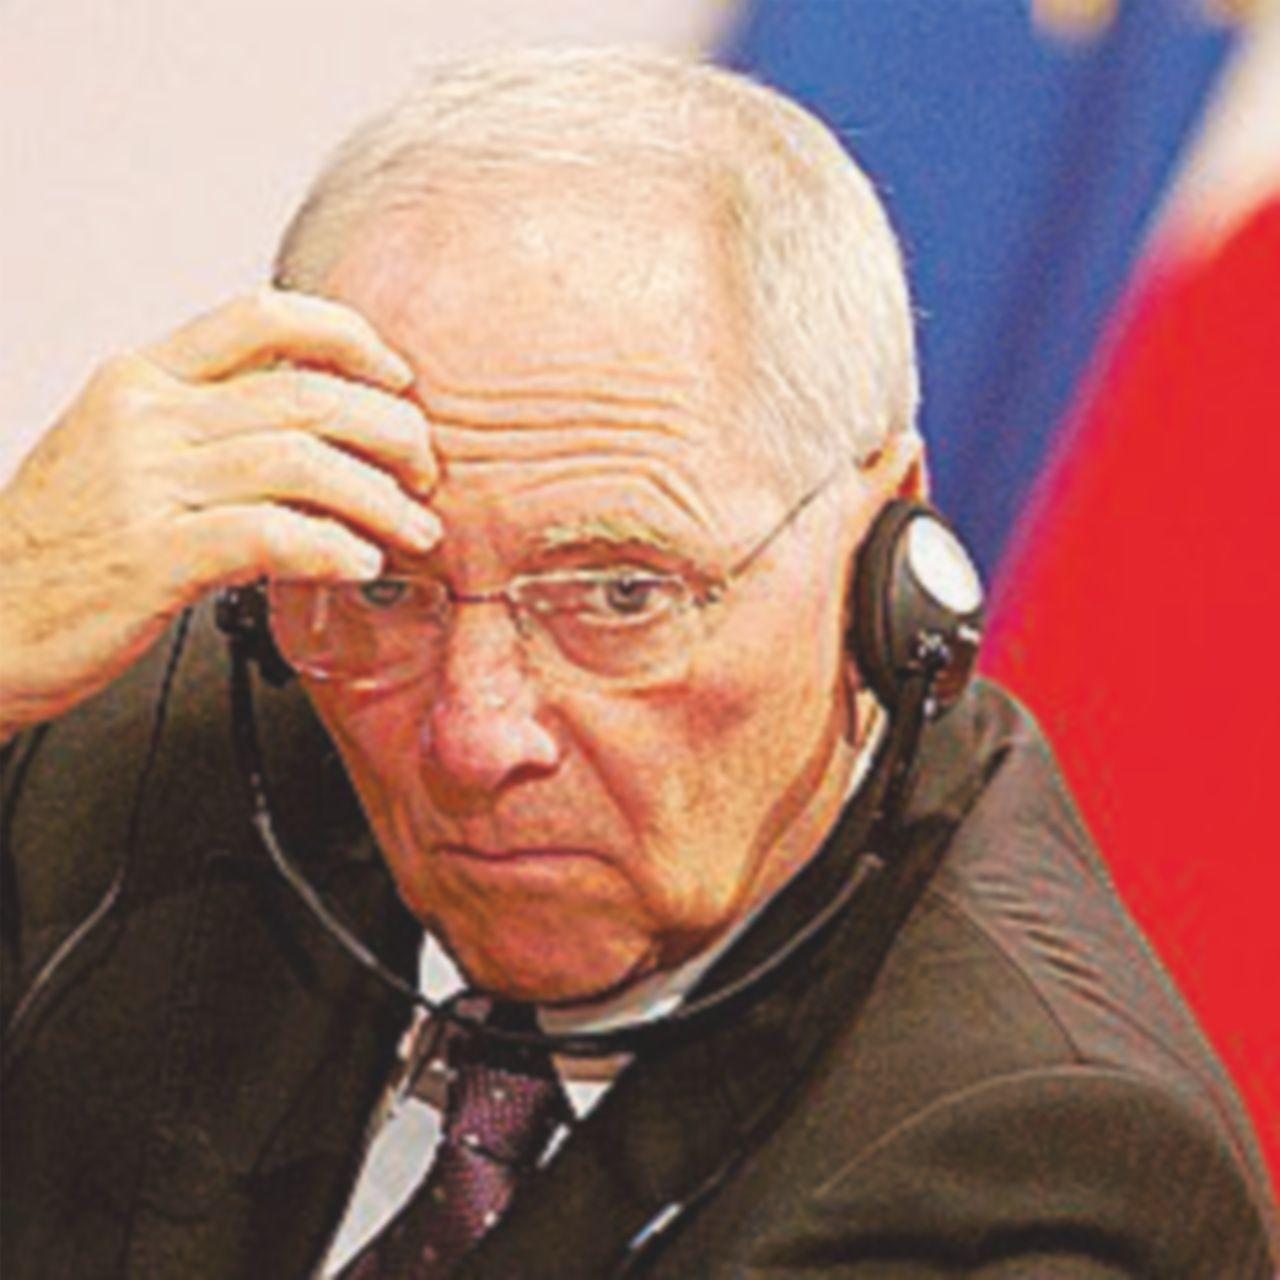 Bce, la politica monetaria ha regalato 122 miliardi a Berlino